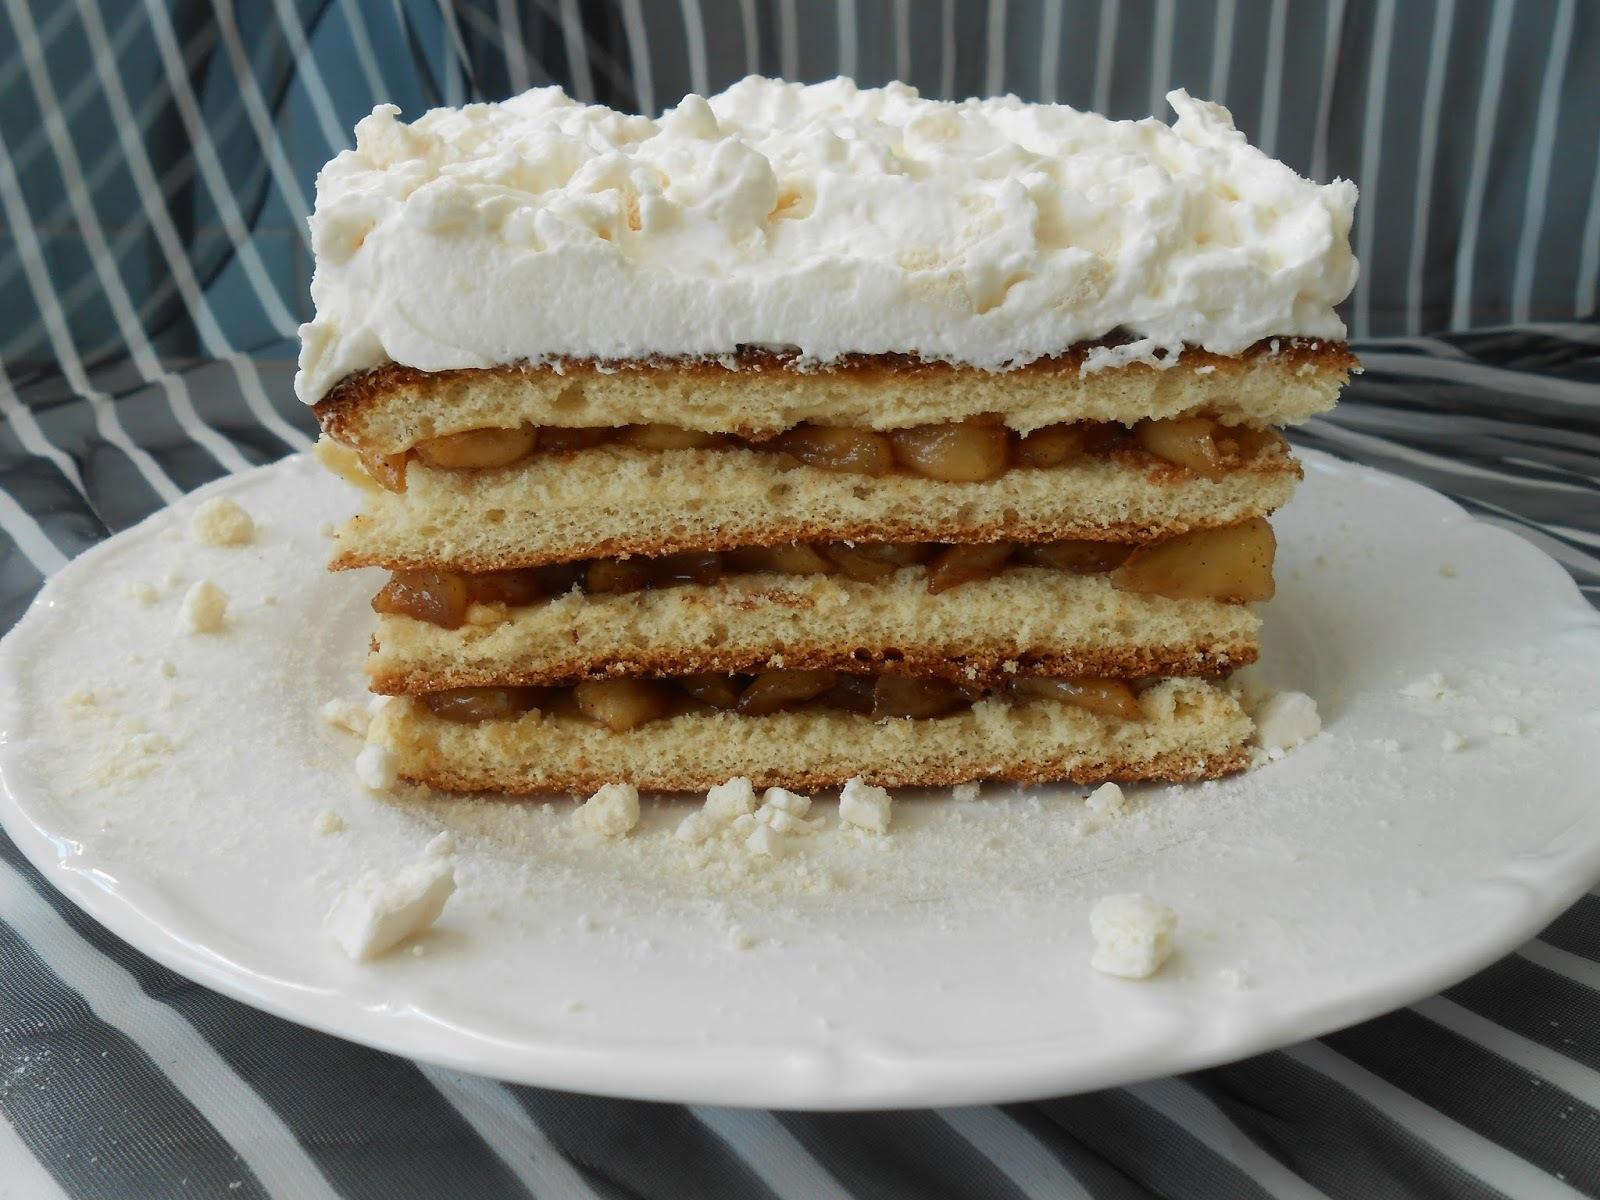 Postre de manzanas caramelizadas y nata con merengue